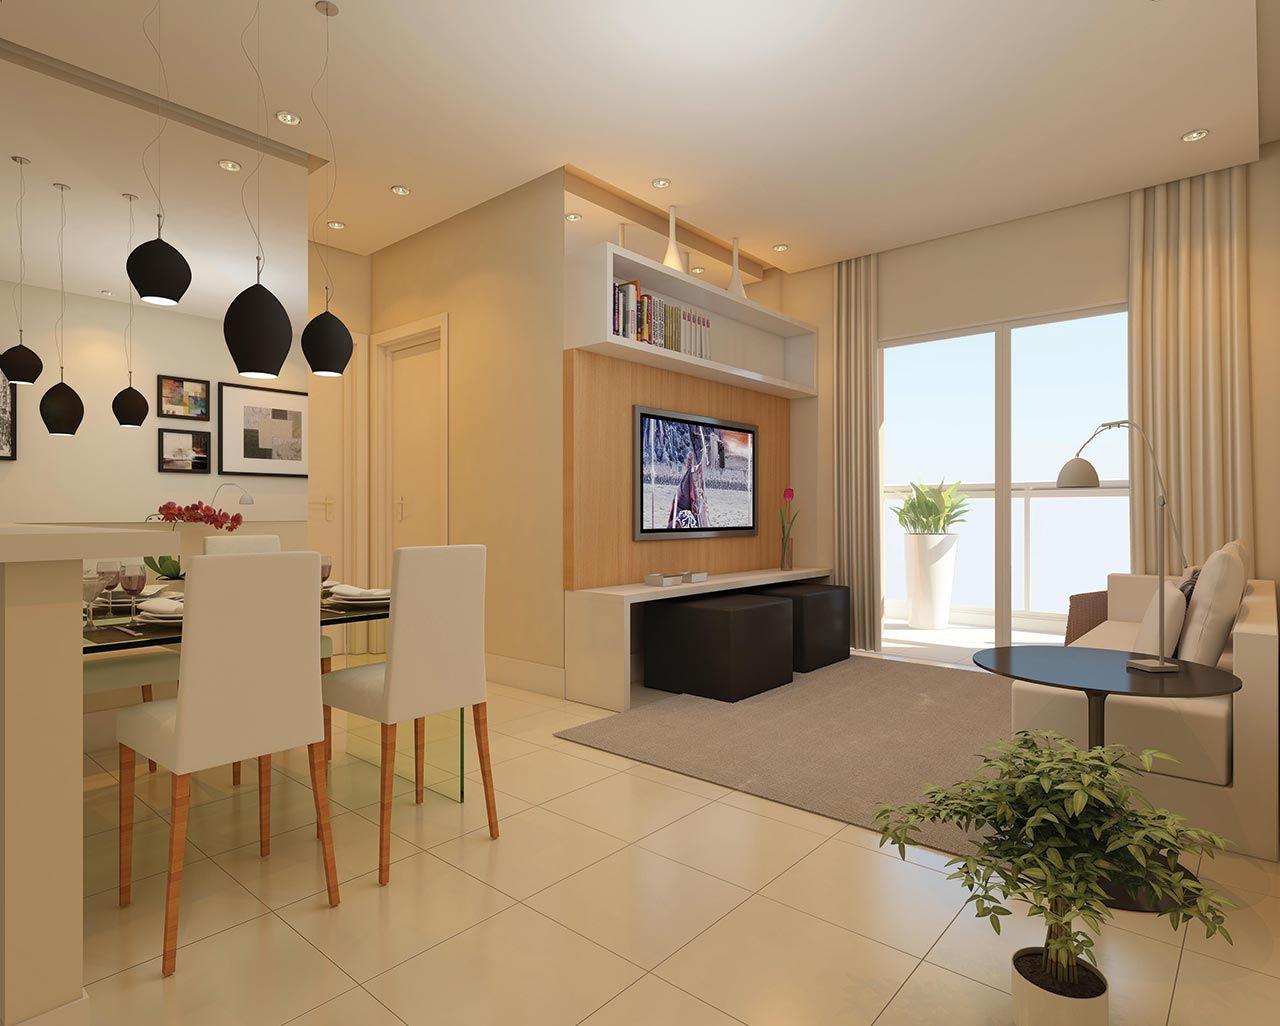 #70492B Salas de estar pequenas: 77 belos projetos para se inspirar Madeira  1280x1026 píxeis em Decoração De Sala De Estar Luxuosa